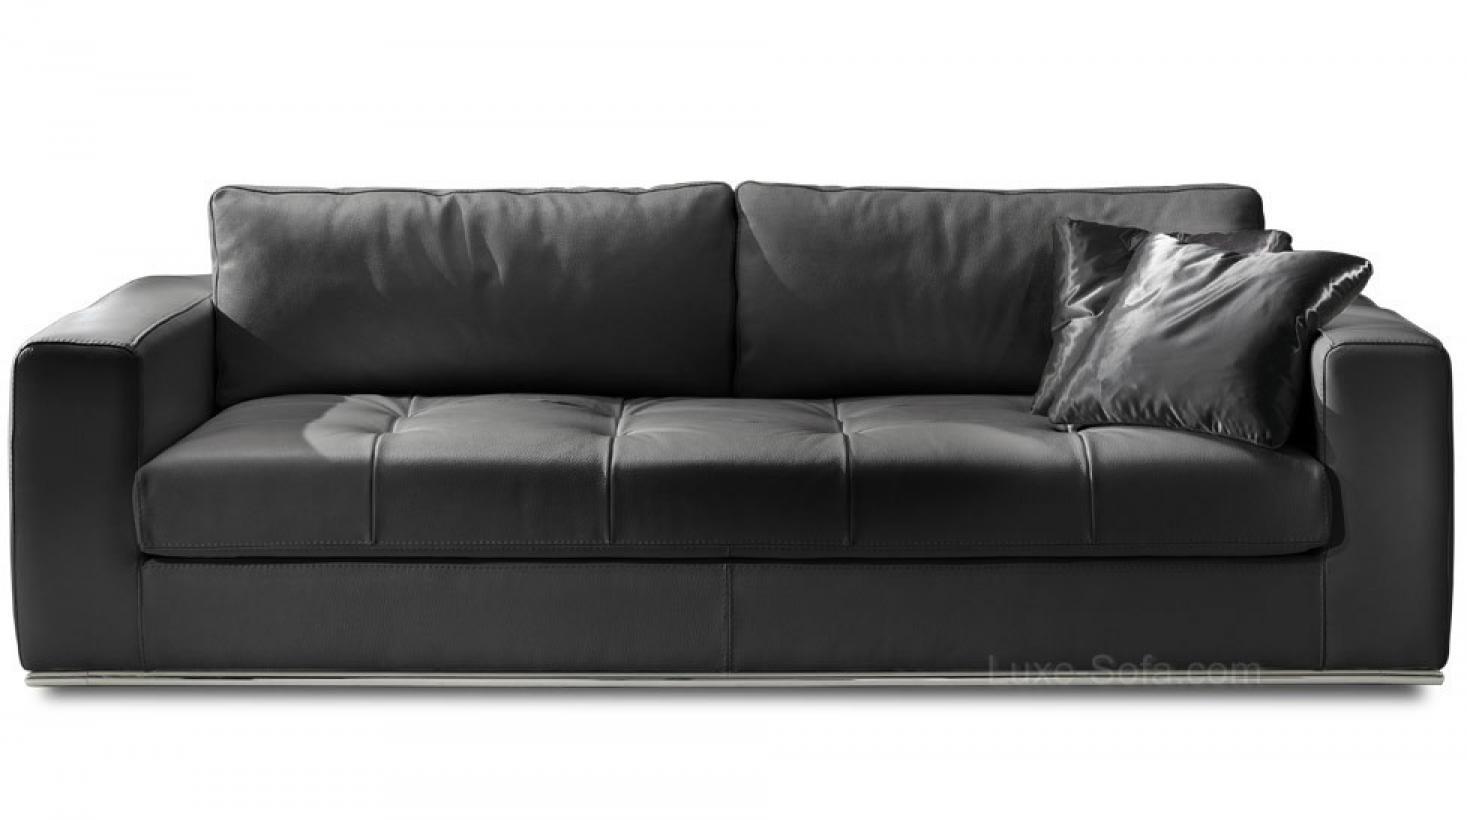 photos canap 4 places gris. Black Bedroom Furniture Sets. Home Design Ideas